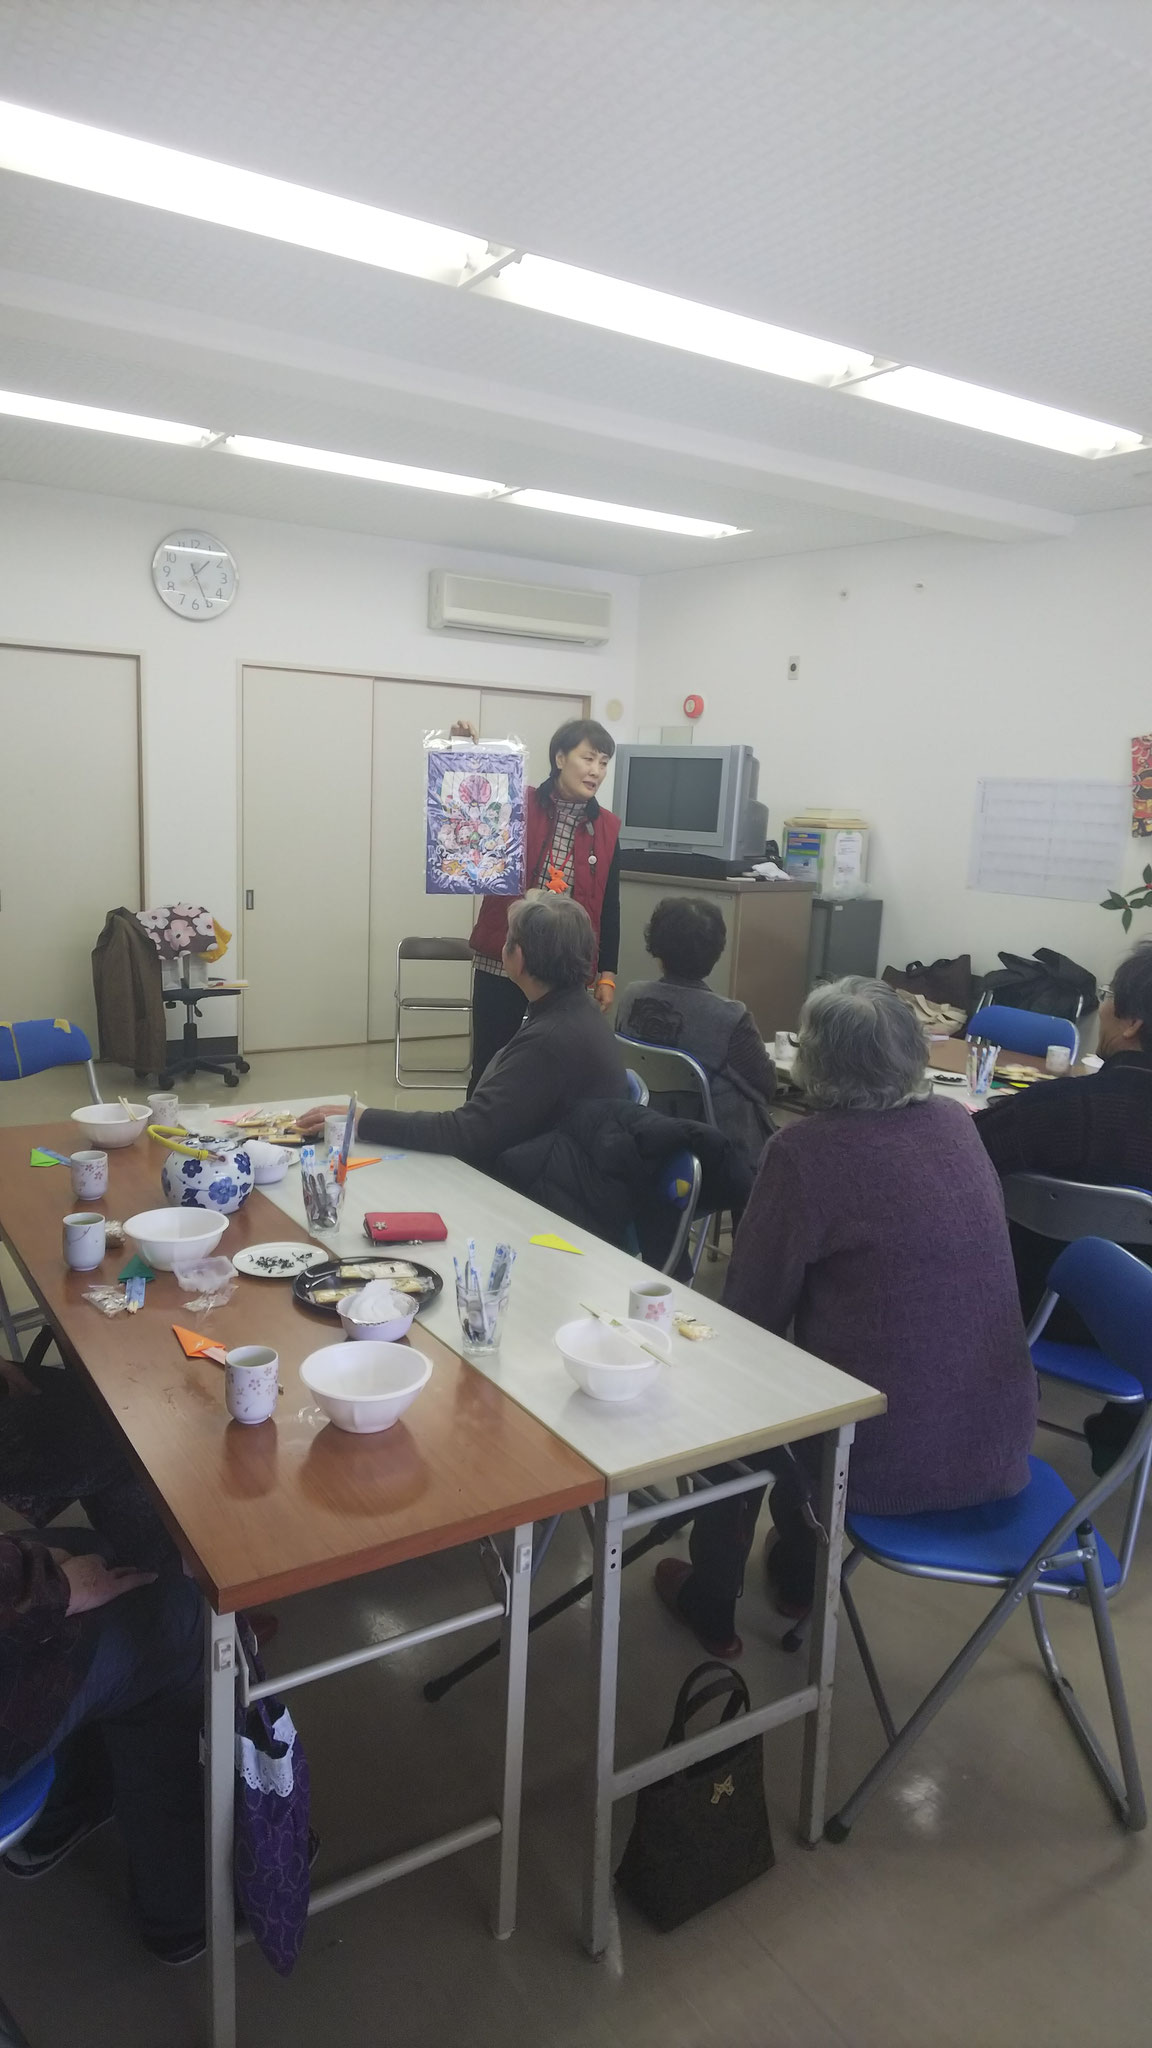 2019/01/07 富田林市緑ヶ丘福祉委員会 ティーサロンにて お話